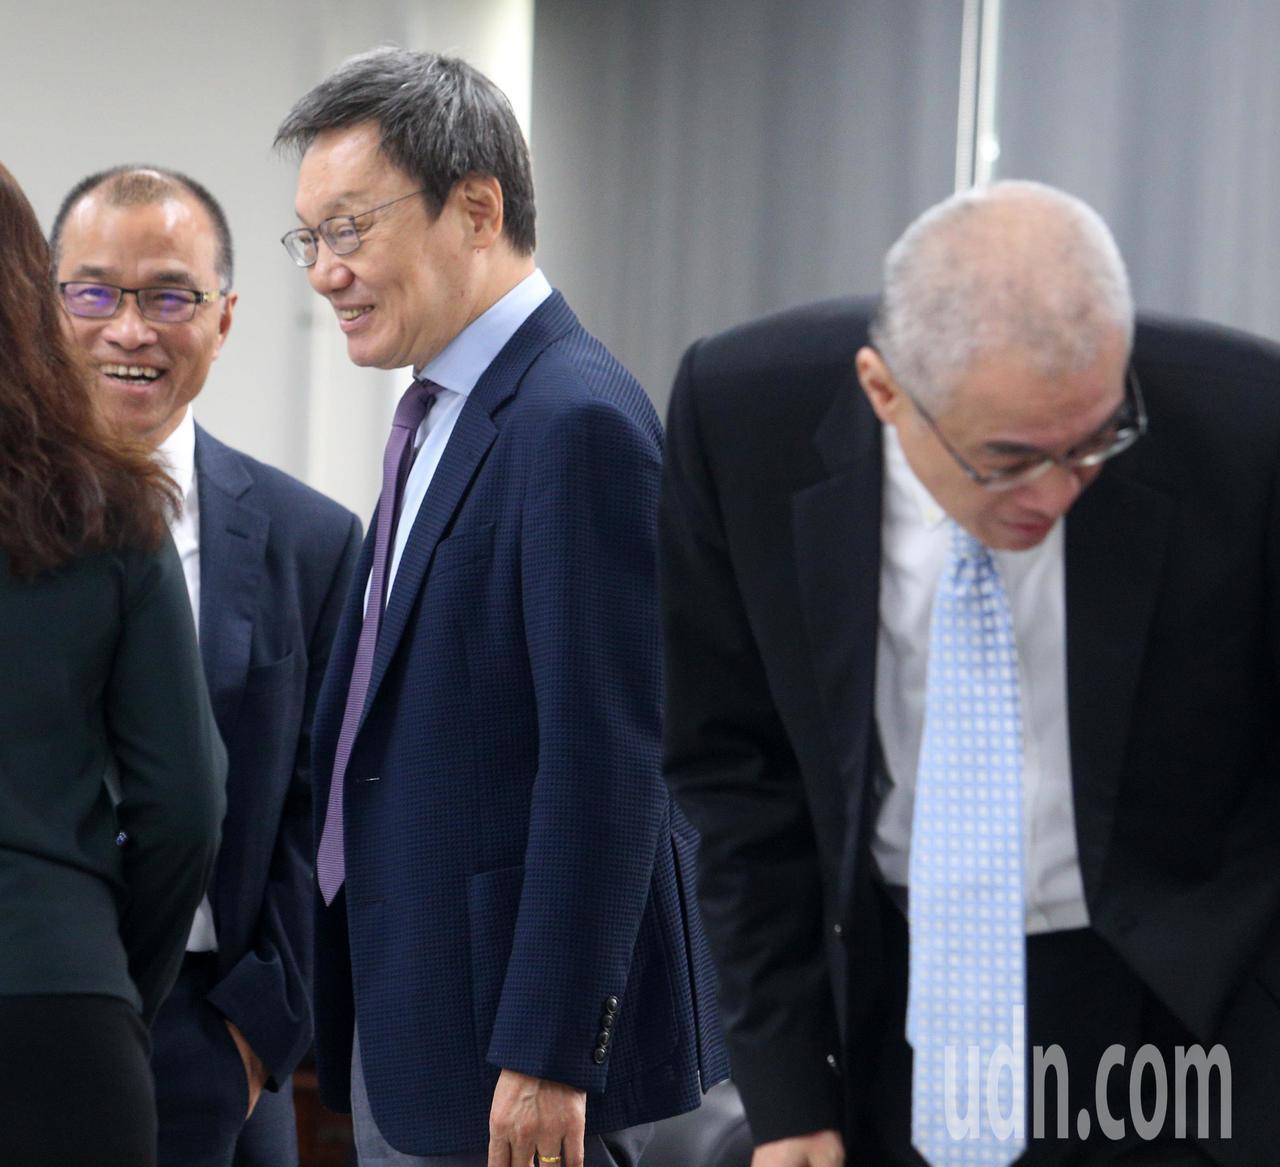 韩国瑜国政顾问团成员苏起(左二)陪同出席。记者刘学圣/摄影